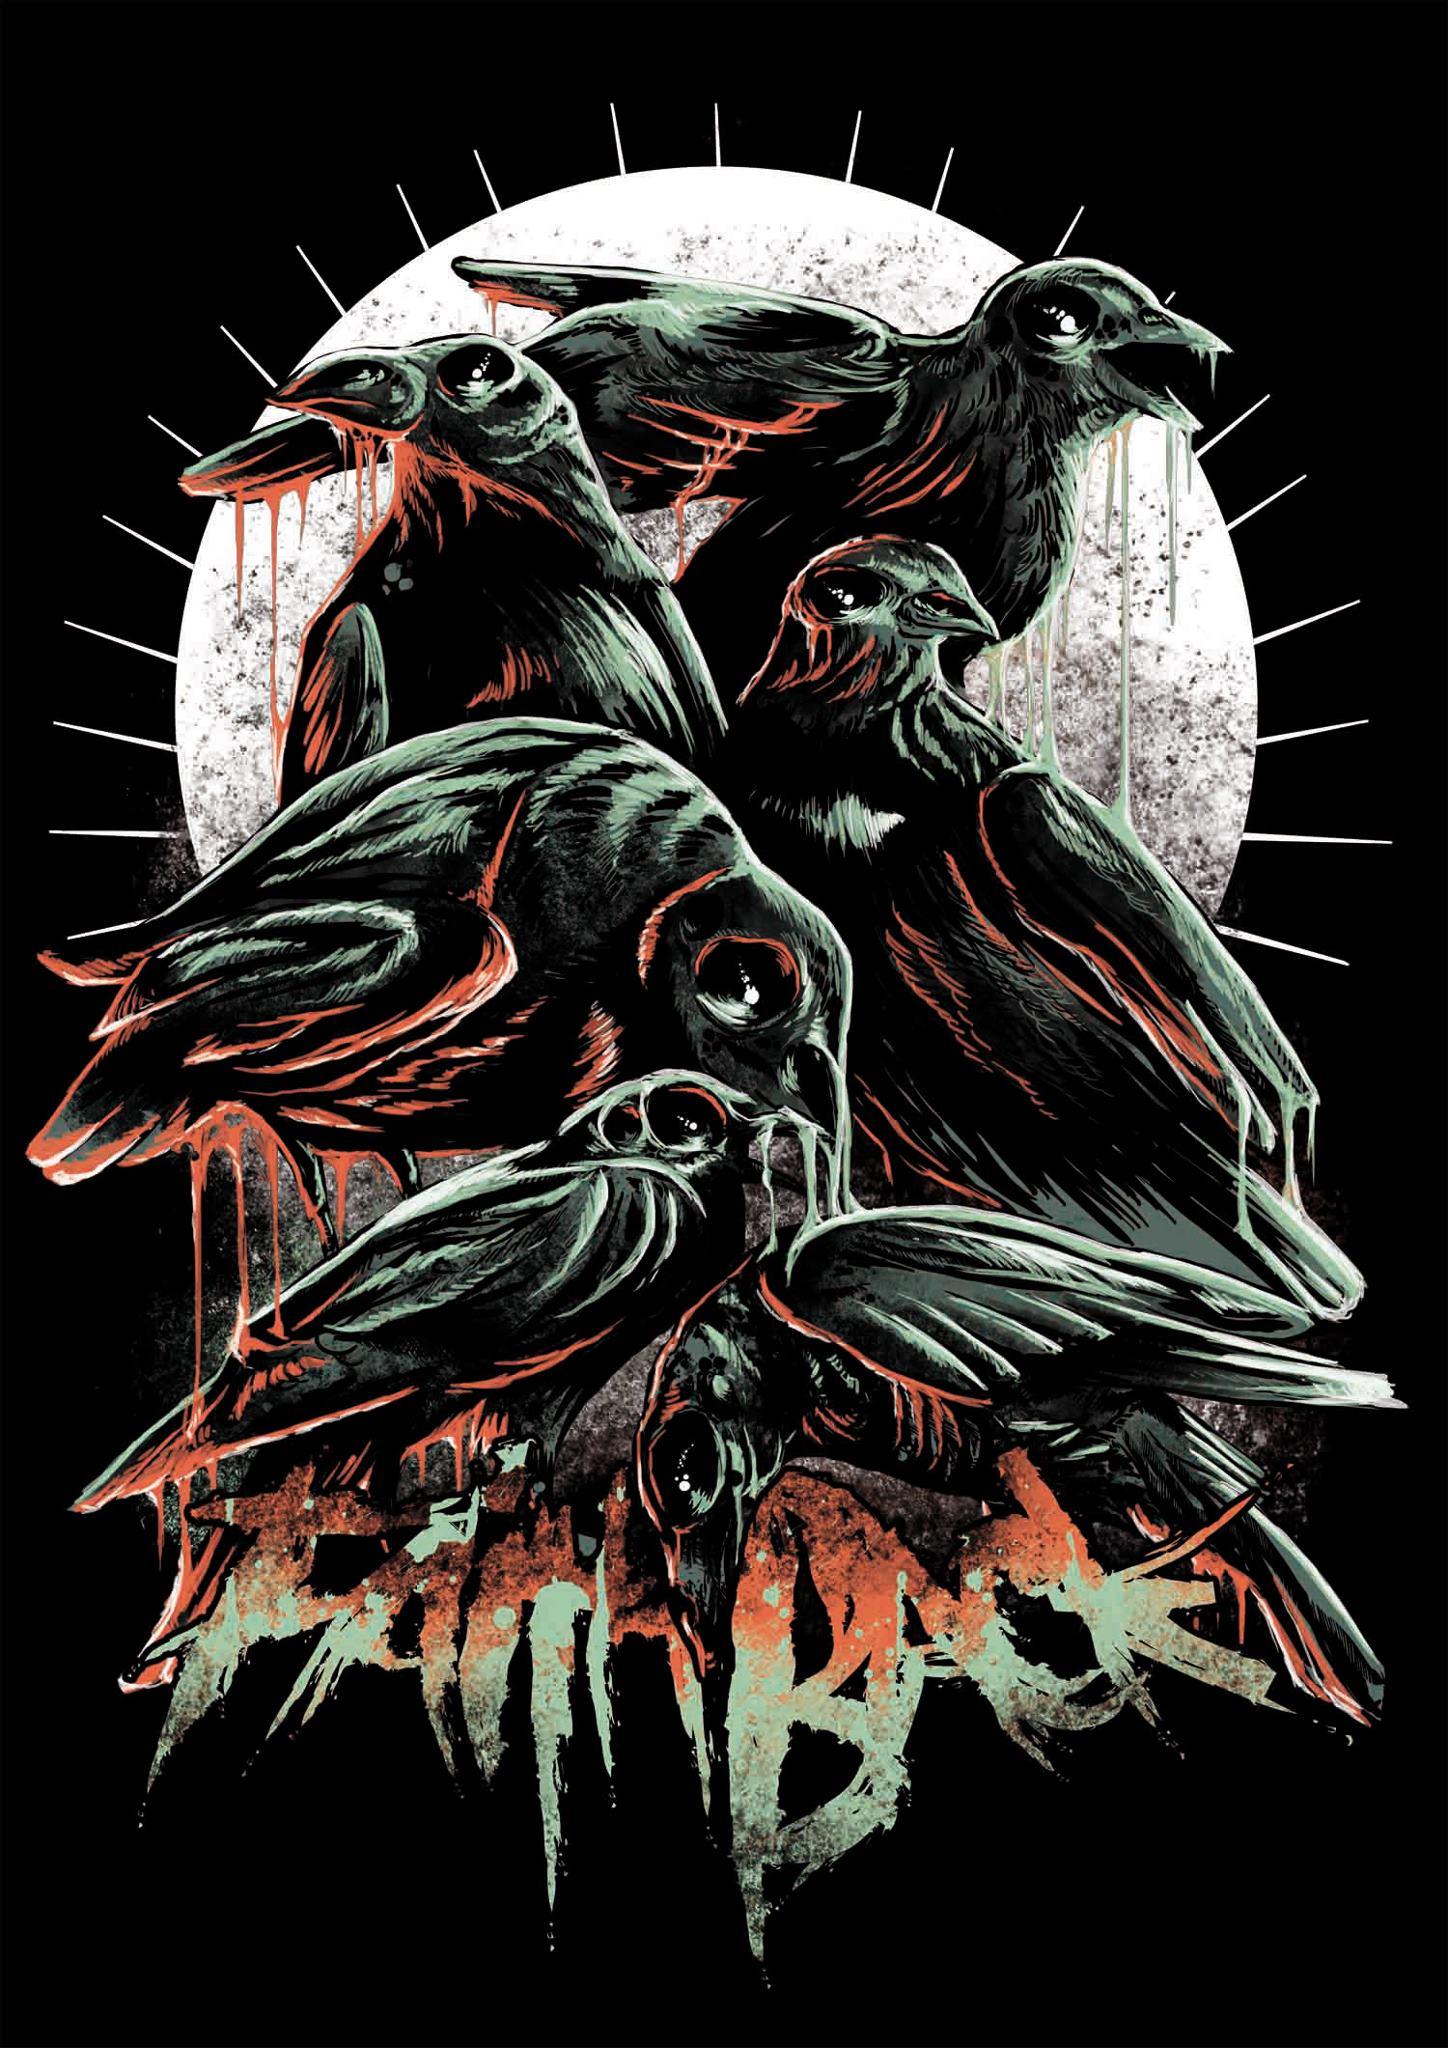 faith-back-illustration-oldskull-9